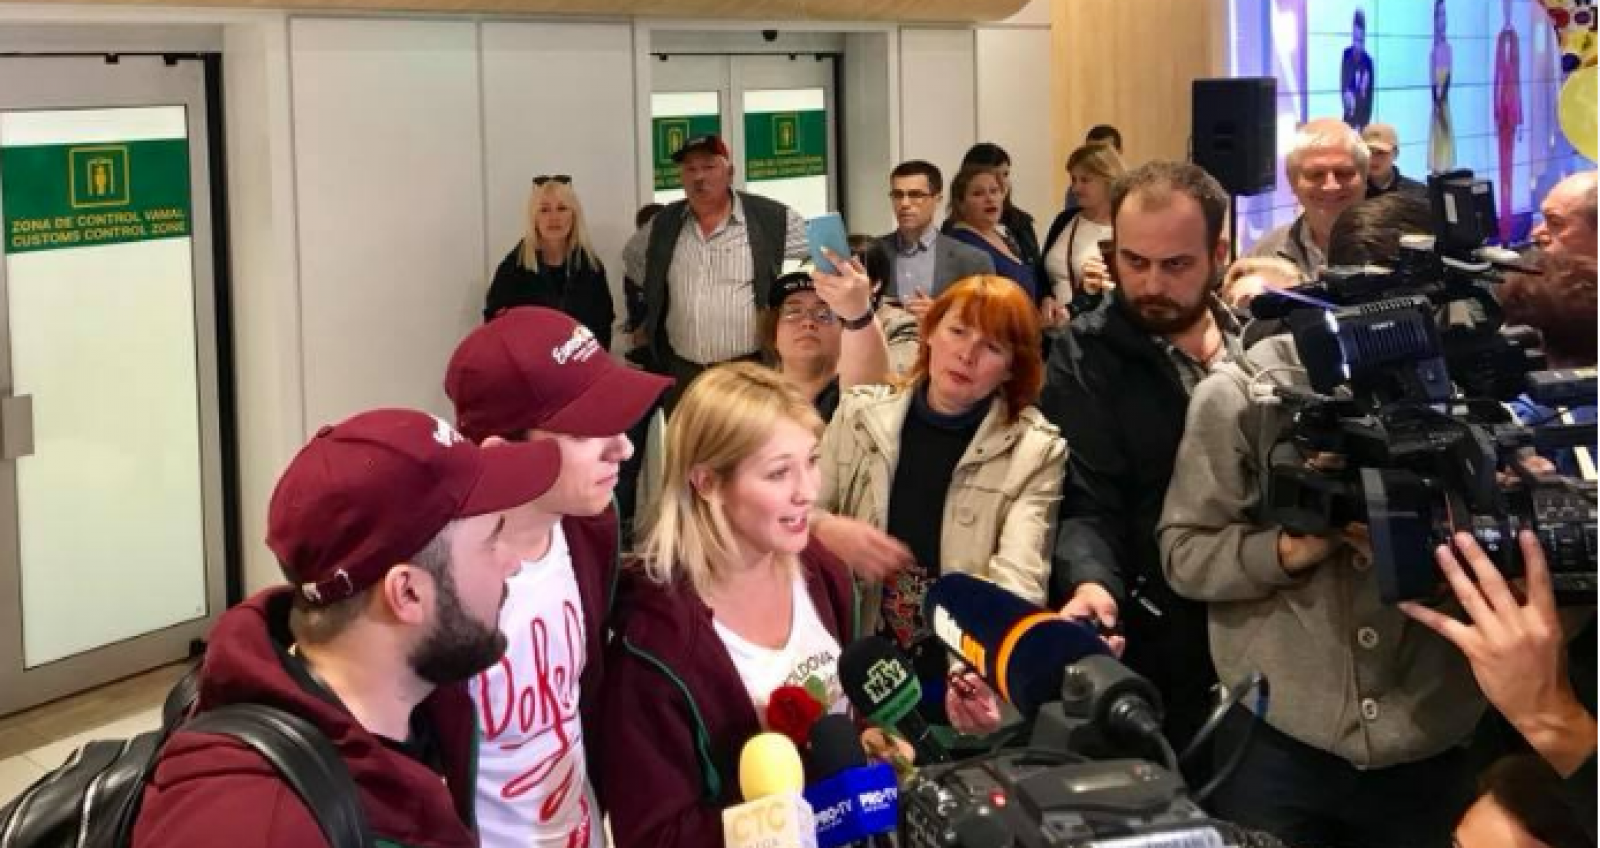 DoReDos a revenit acasă de la Lisabona. Membrii trupei au fost întâmpinați cu aplauze pe aeroportul Chișinău